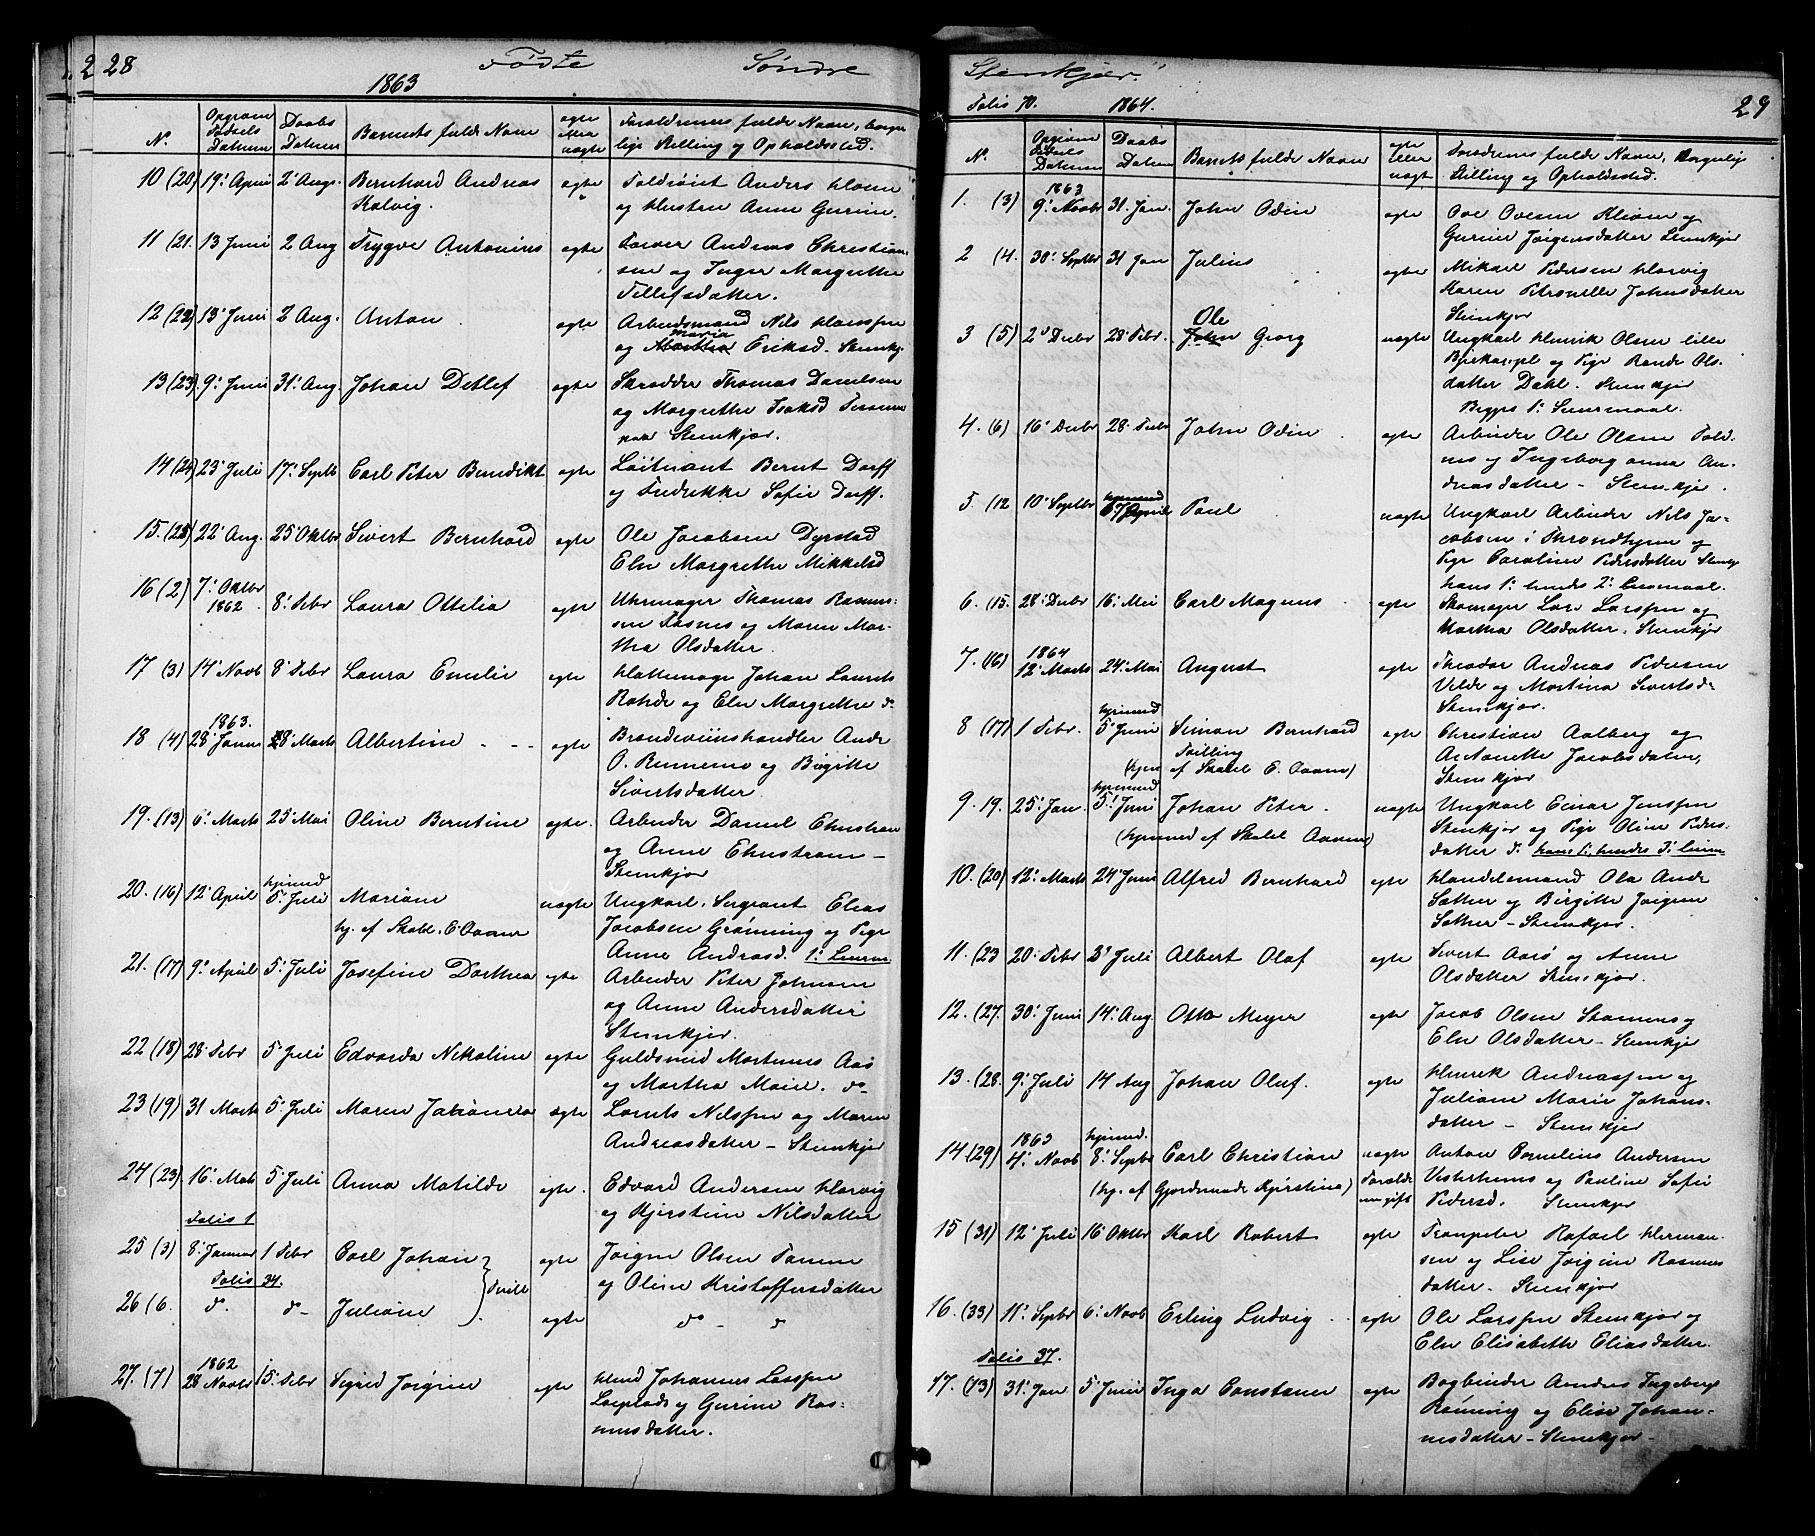 SAT, Ministerialprotokoller, klokkerbøker og fødselsregistre - Nord-Trøndelag, 739/L0367: Ministerialbok nr. 739A01 /1, 1838-1868, s. 28-29